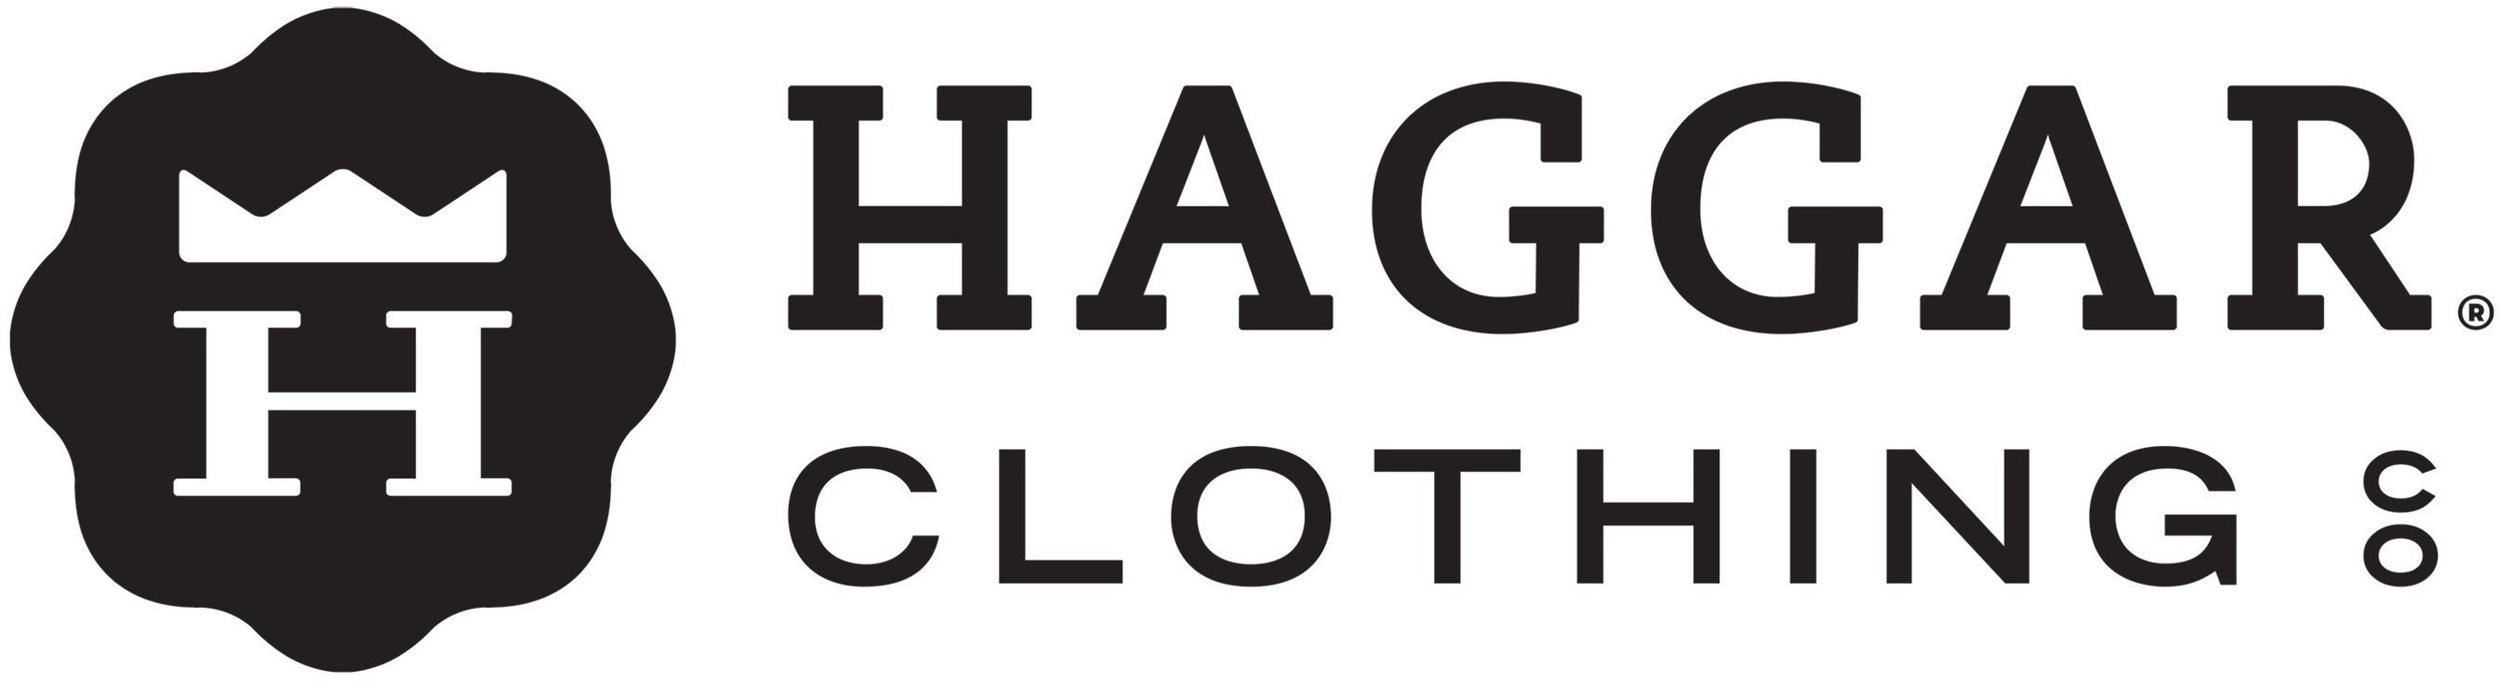 Haggar.jpg